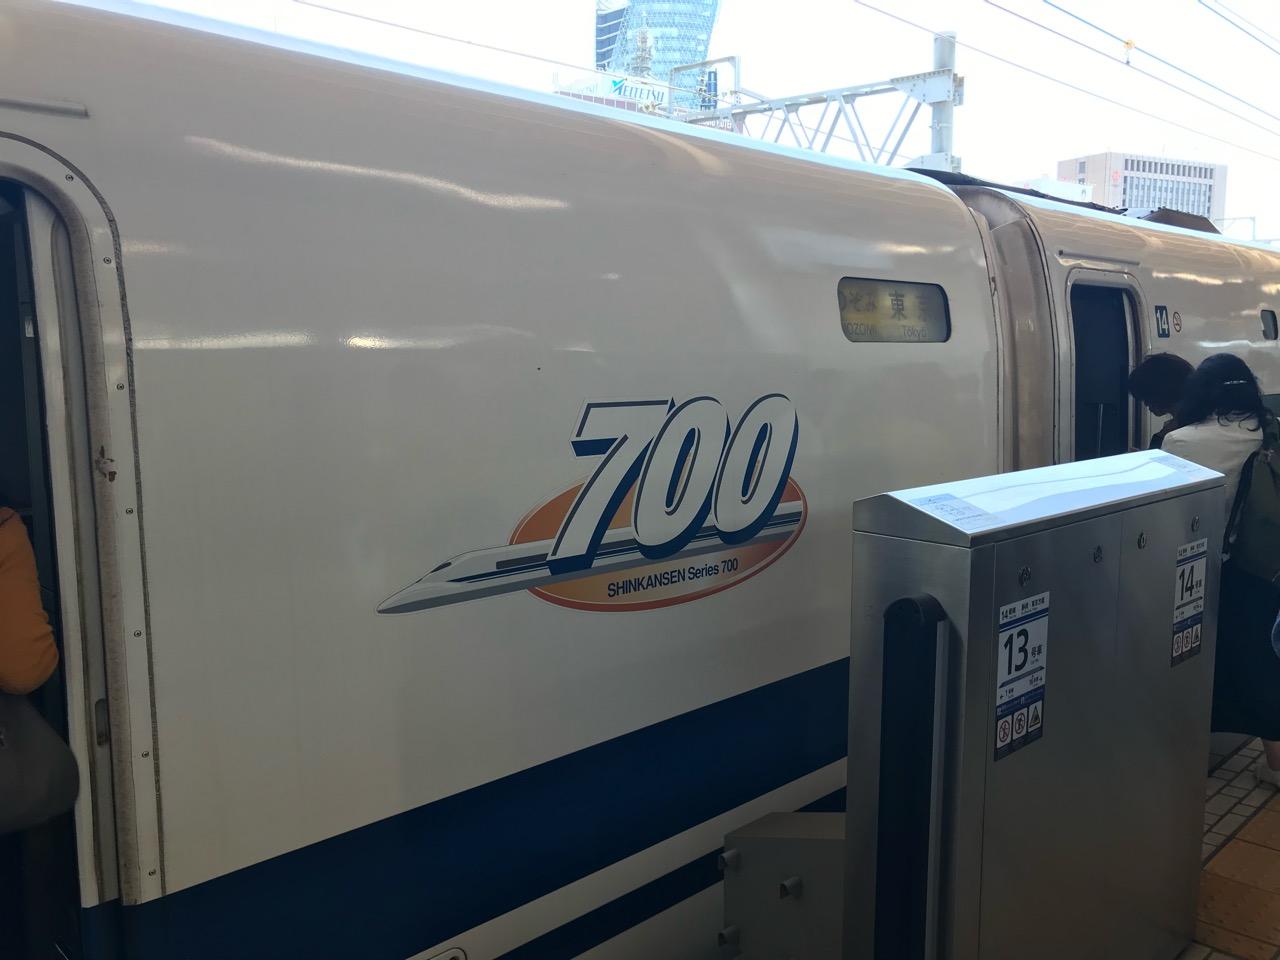 のぞみ312号で名古屋から東京へ、700系新幹線に乗って